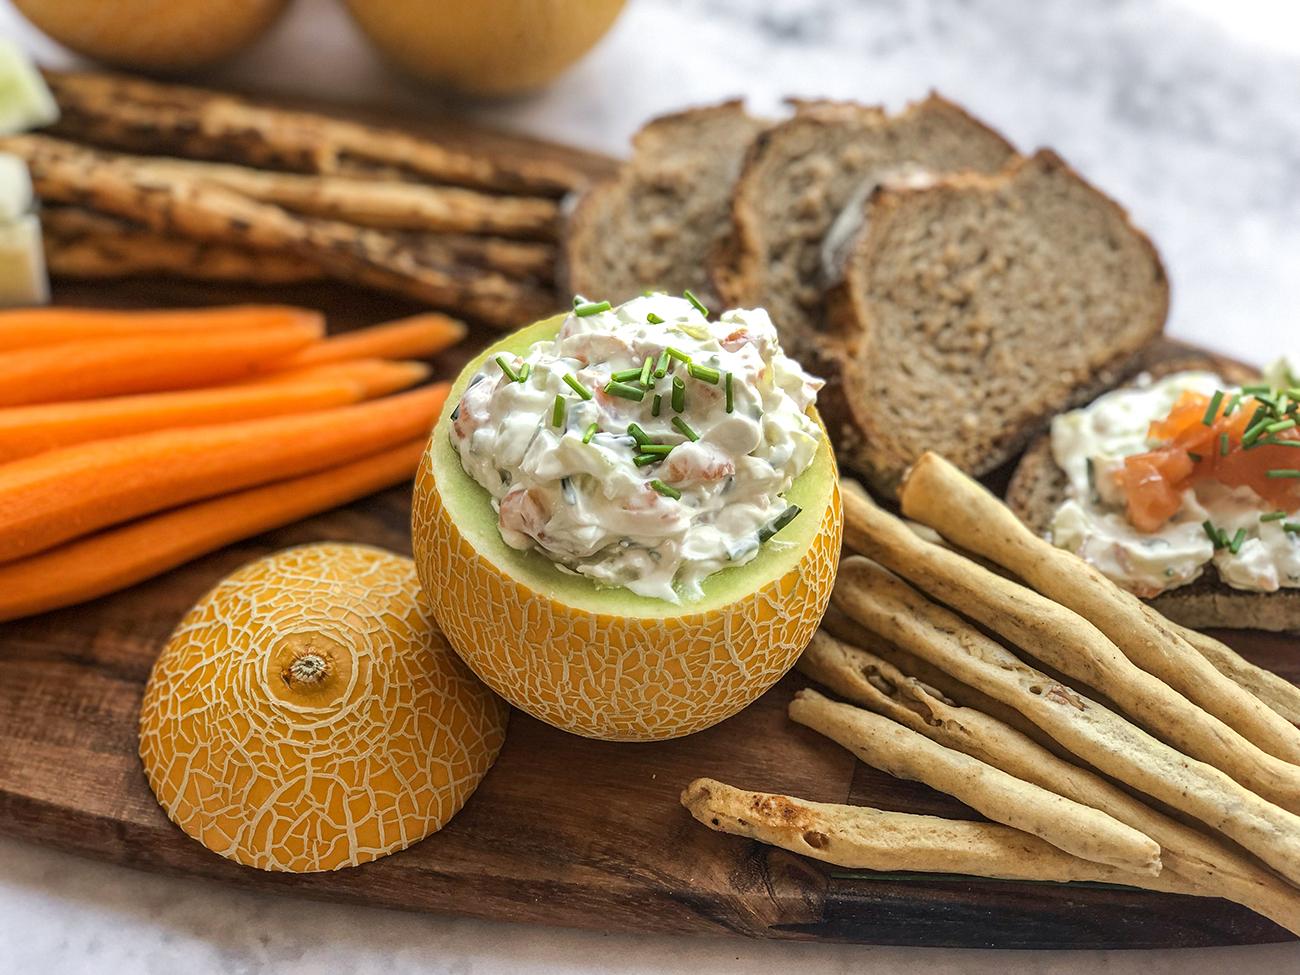 Lililup relleno de queso y salmón